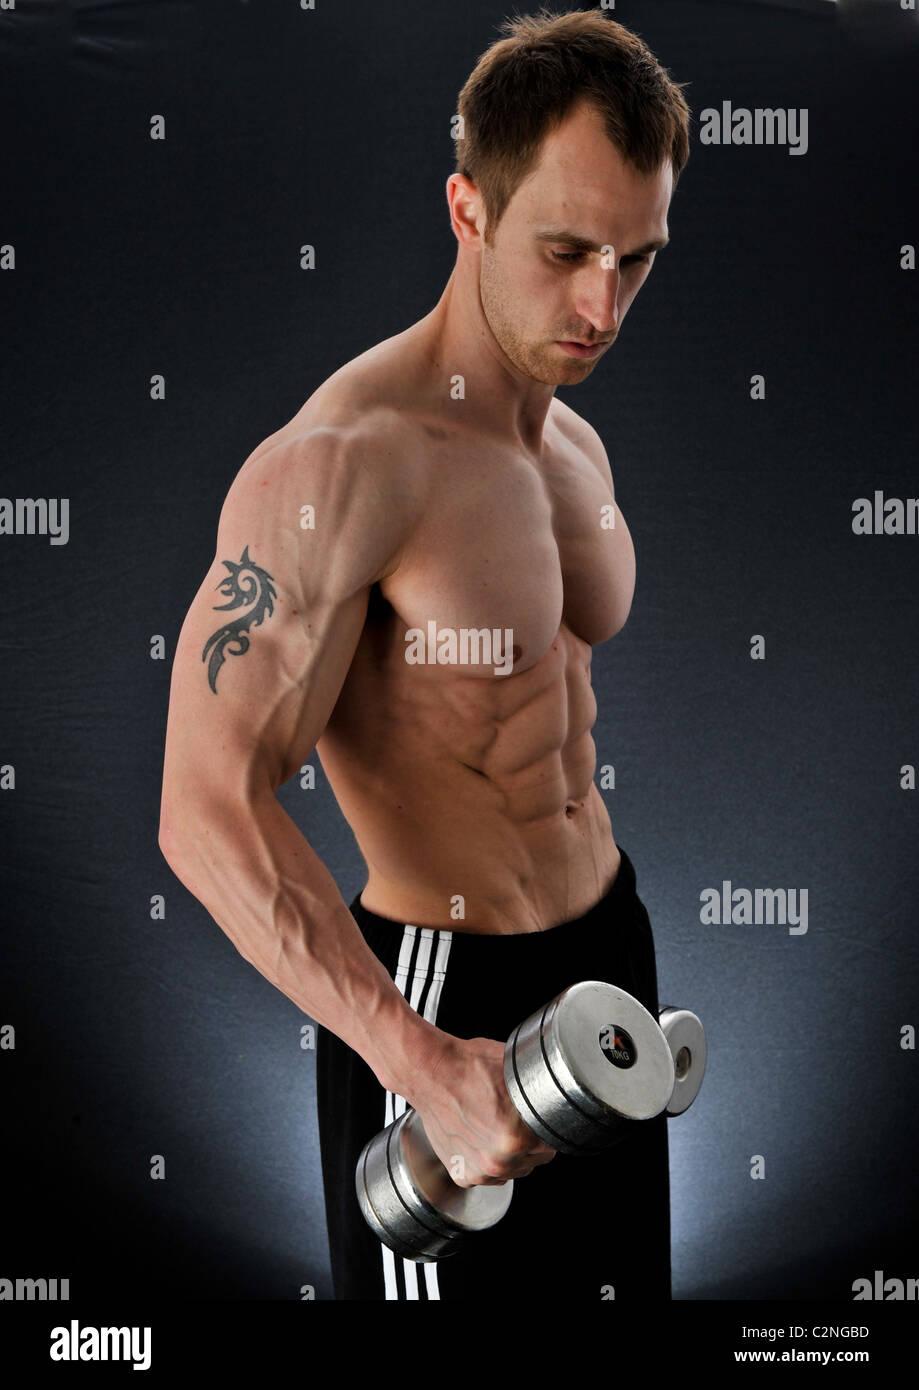 Fuerte guapo culturista levantando pesas para mejorar sus habilidades de capacitación para construir masculinidad Imagen De Stock